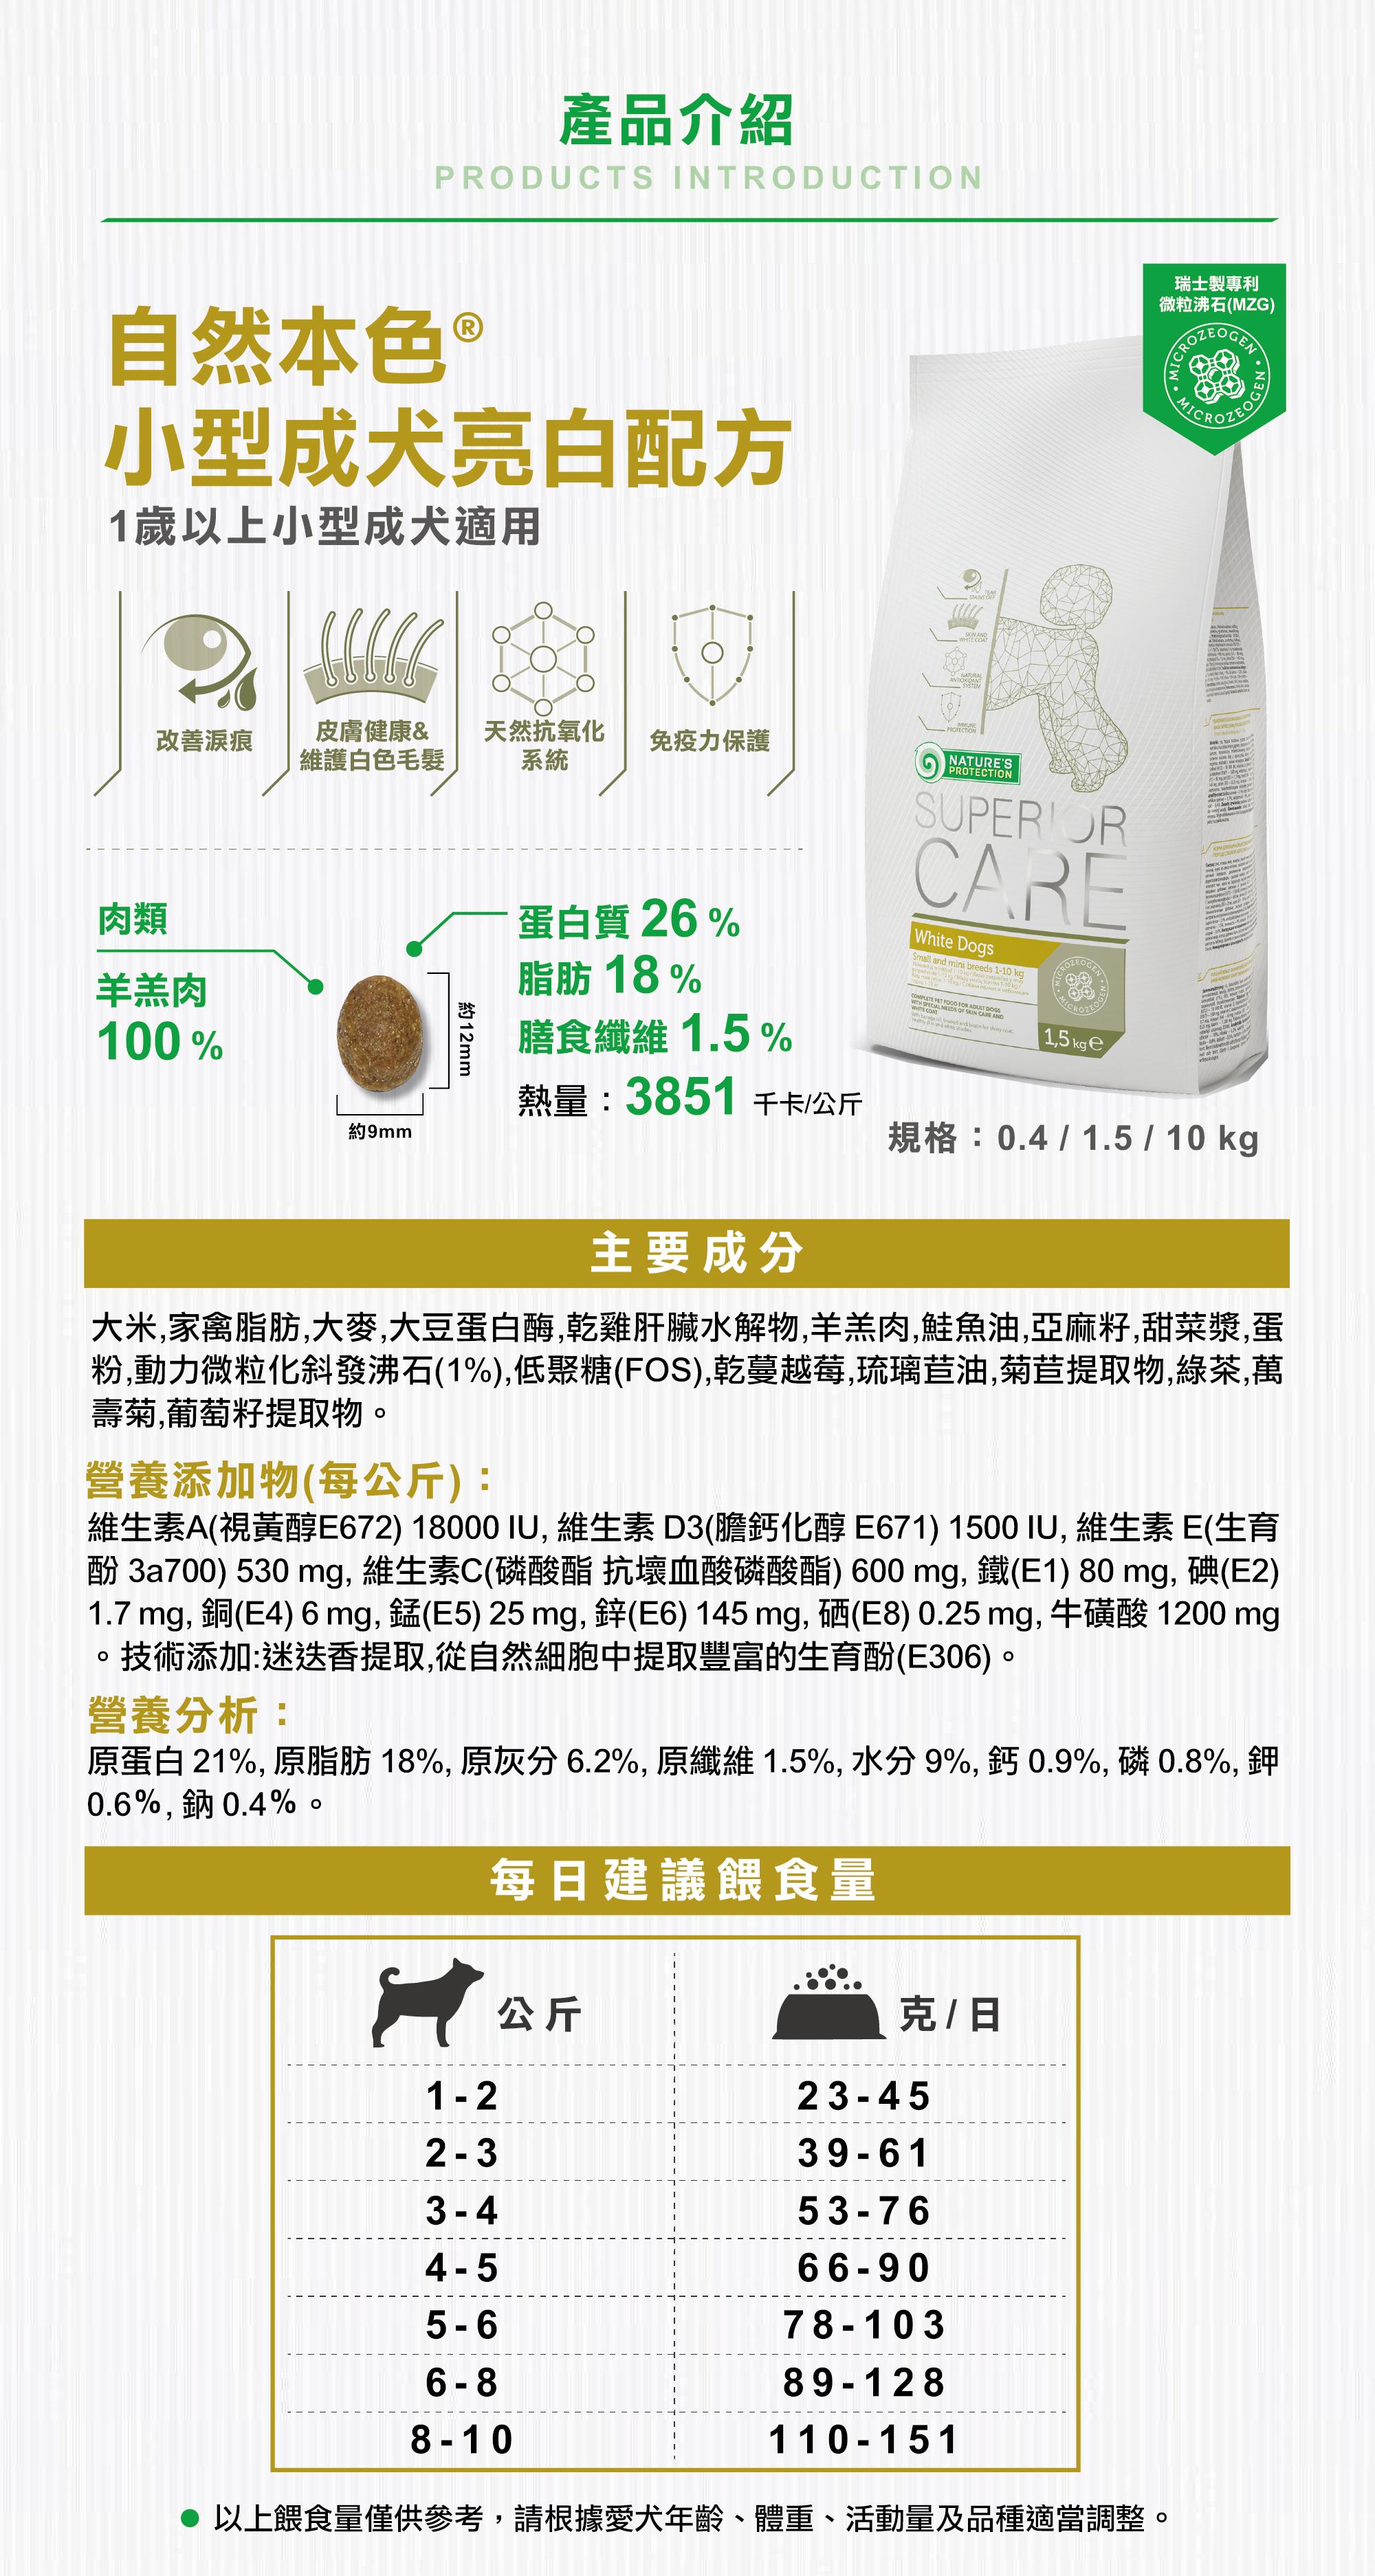 自然本色小型成犬亮白配方 產品介紹 餵食指南 顆粒 成分 營養分析 添加物